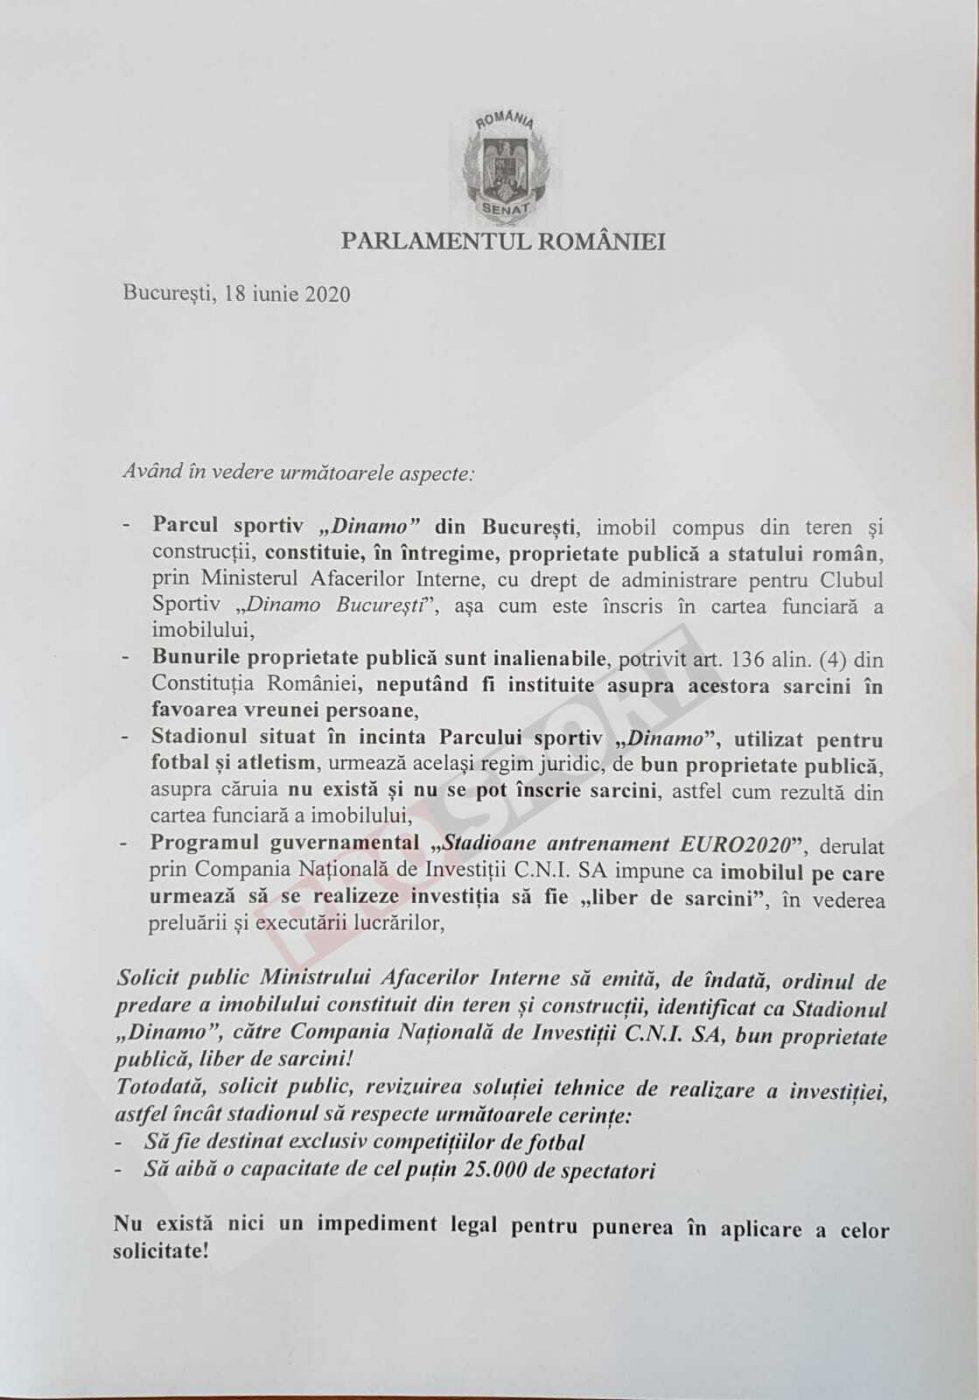 Solicitarea făcută de senatorul Șerban Nicolae către MAI